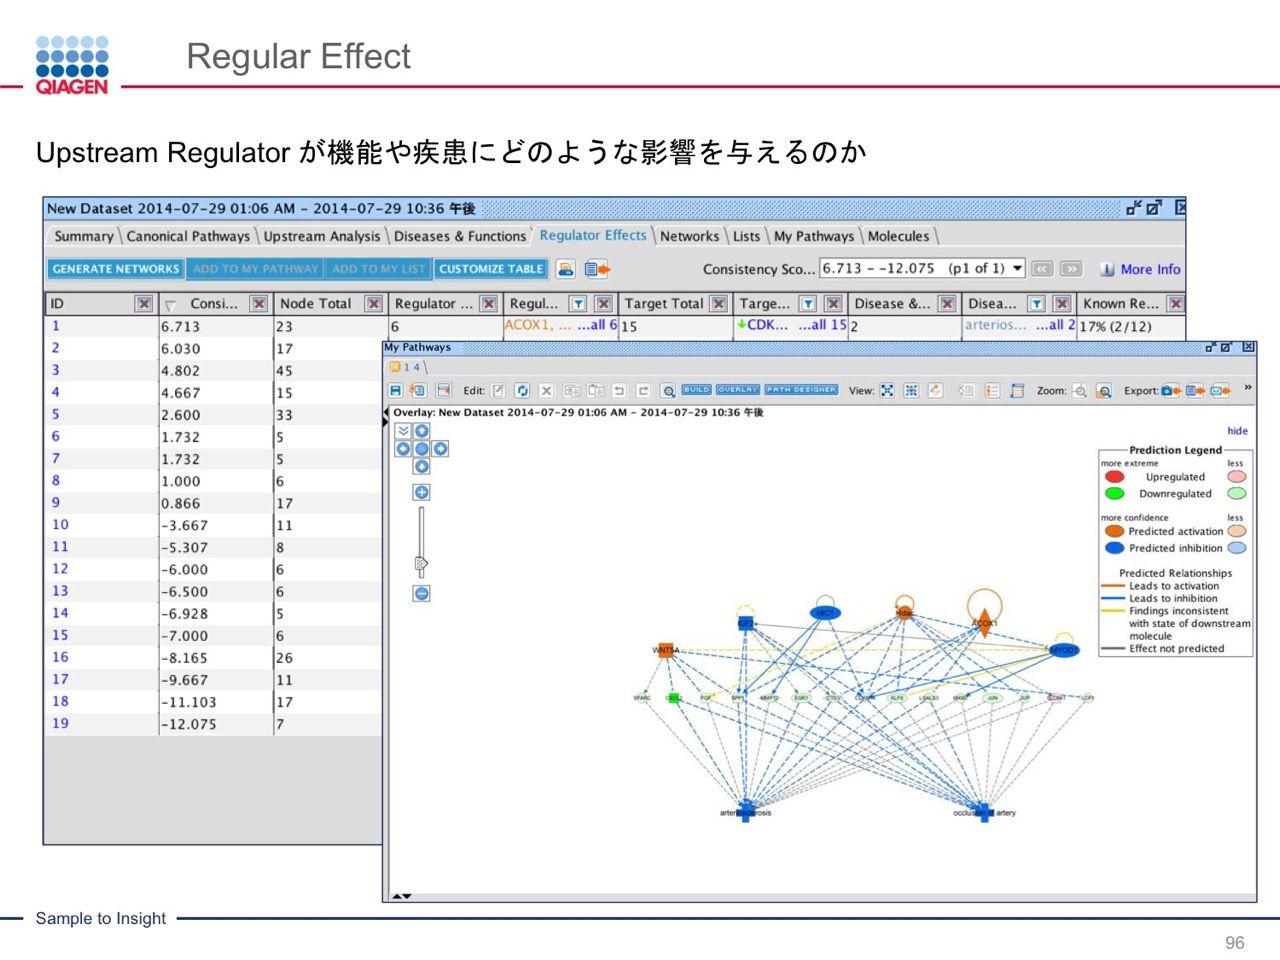 images/AJACSa2_miyamoto_096.jpg